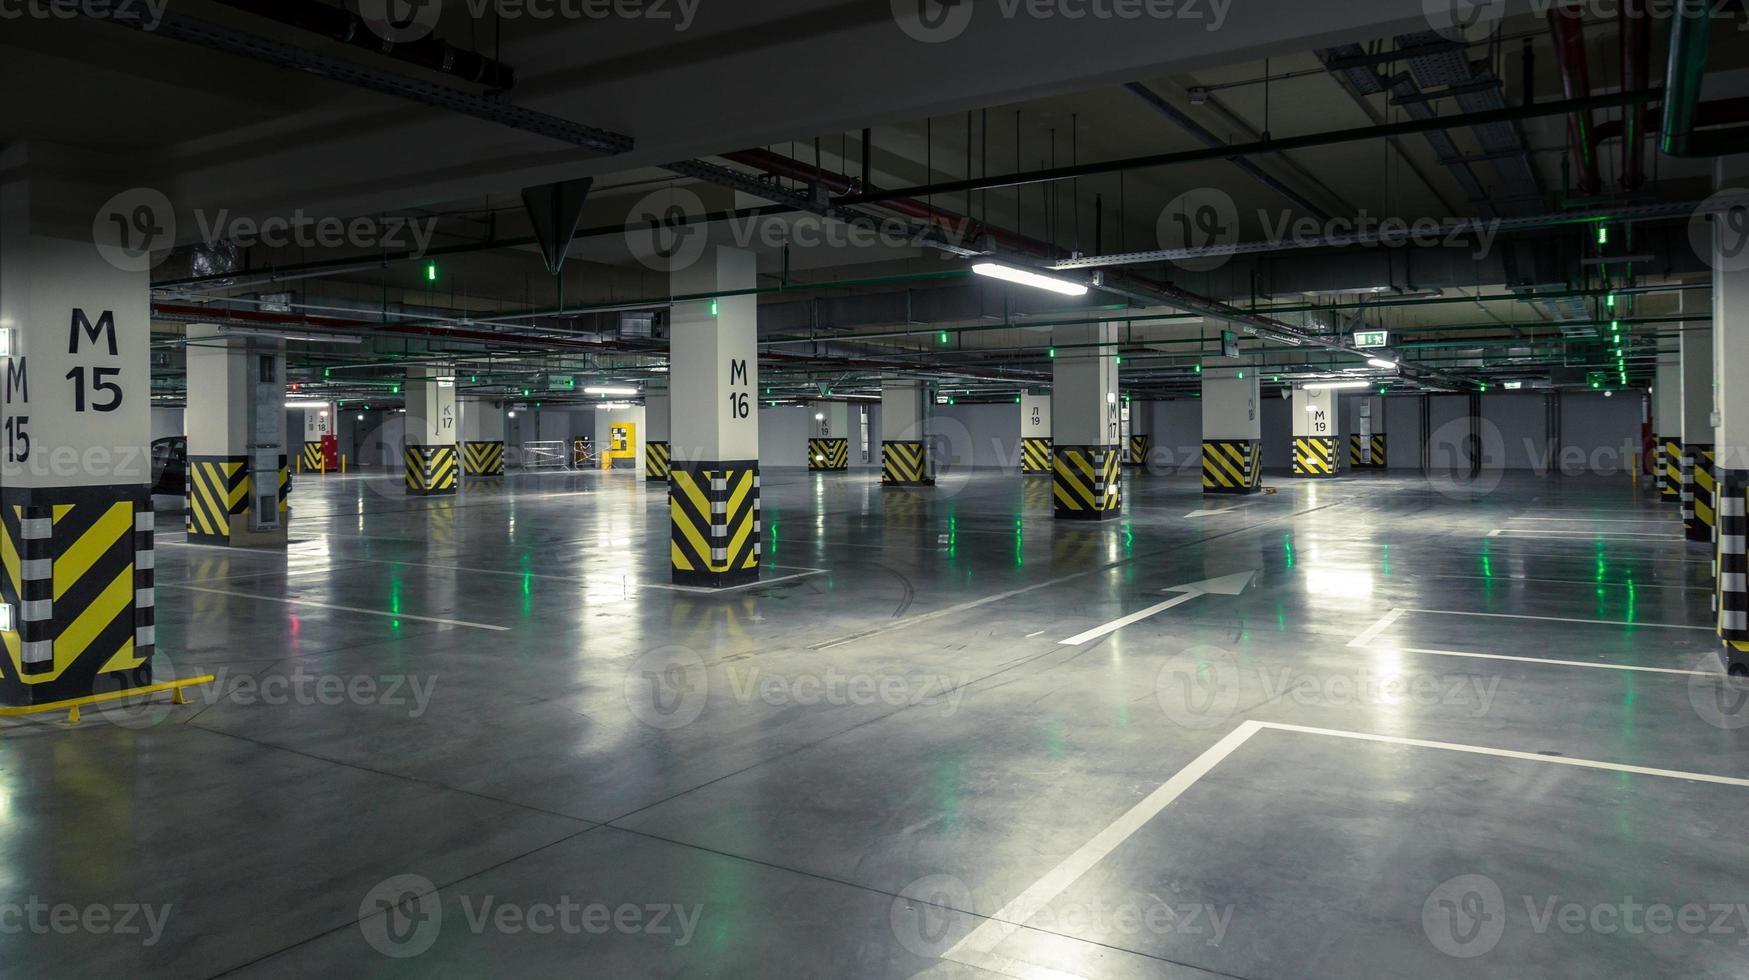 garage de stationnement, intérieur souterrain avec quelques voitures garées photo